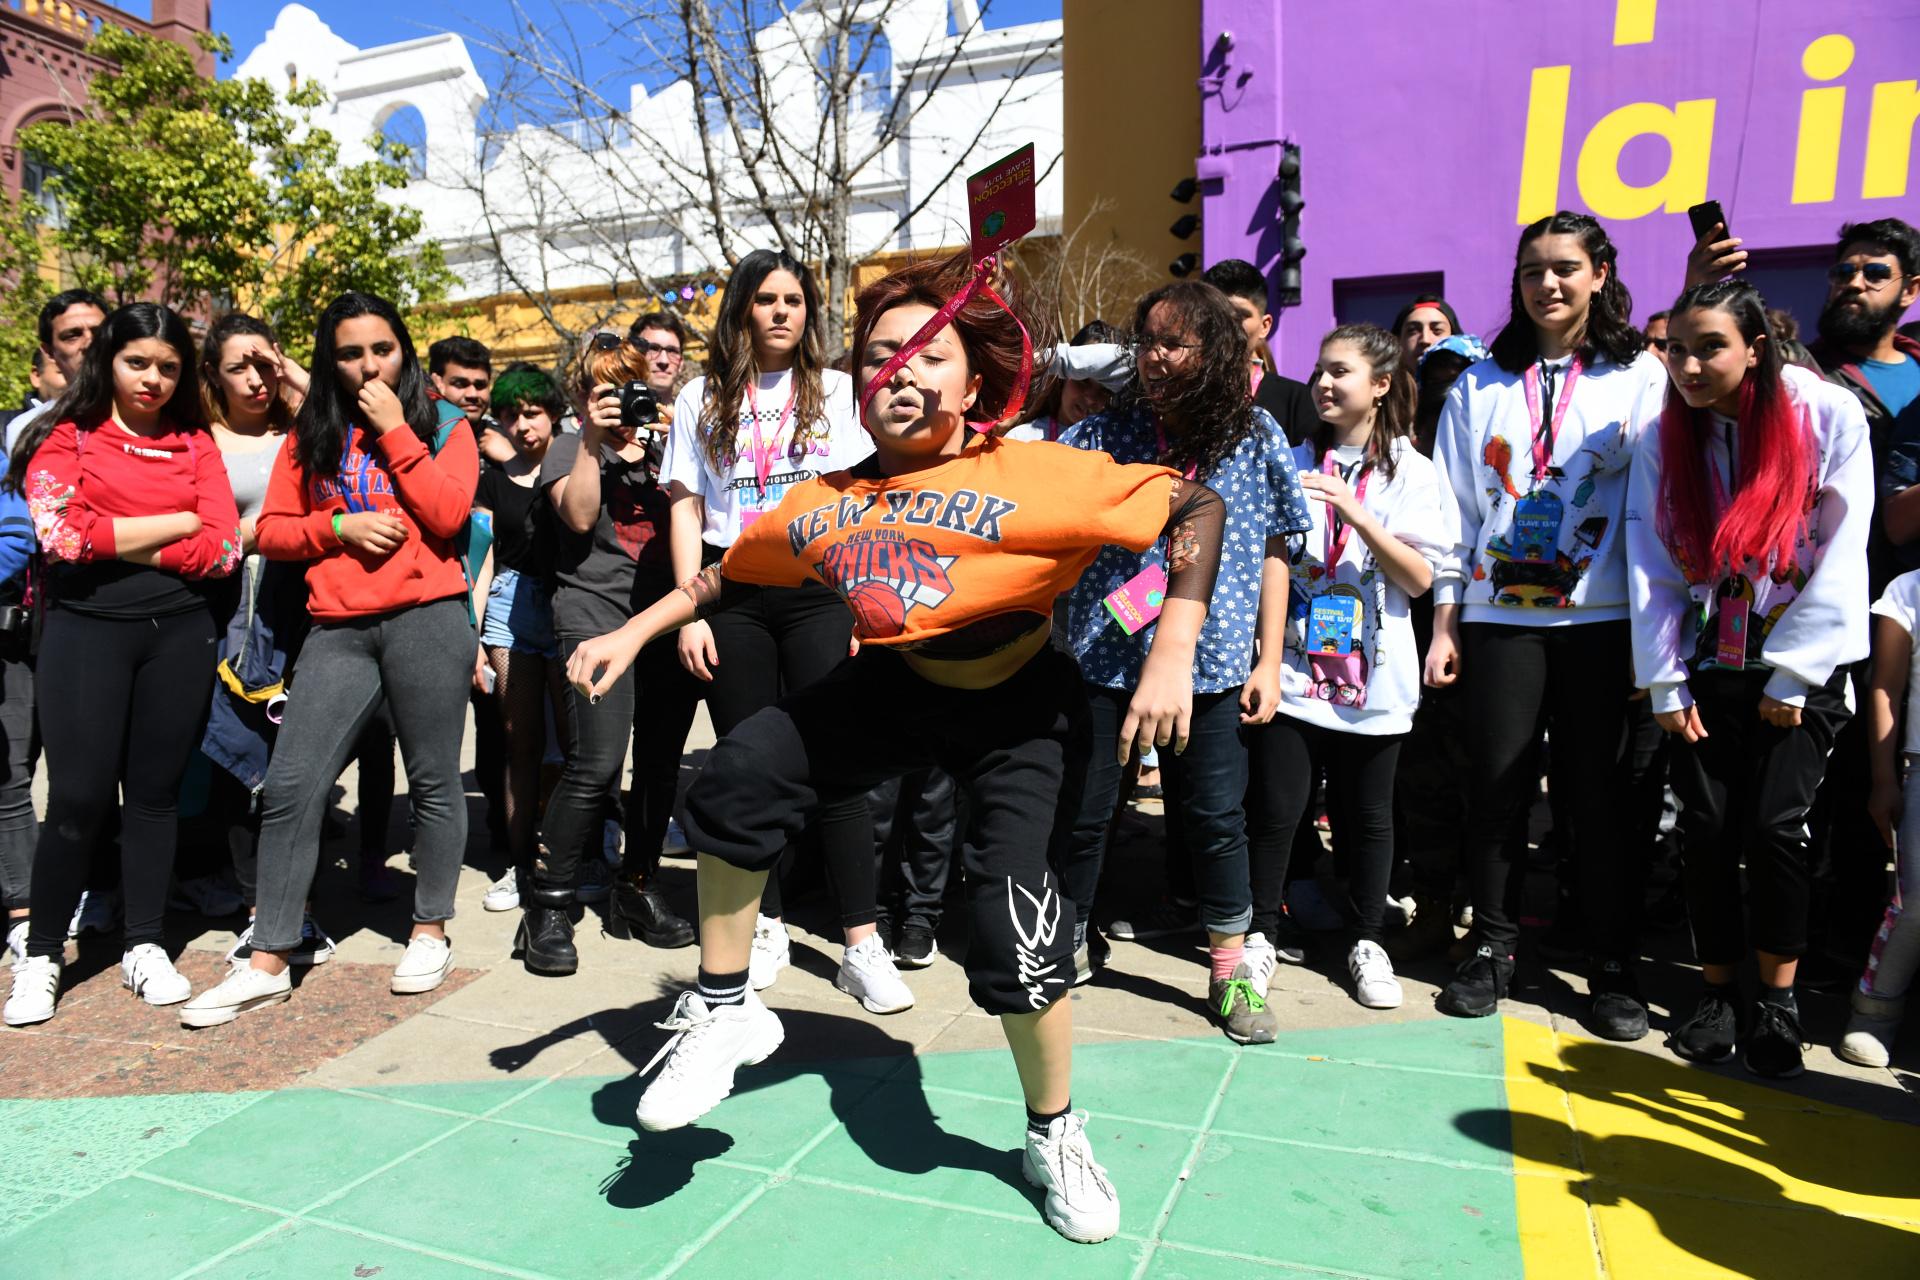 """Aplaudida por muchos chicos de su misma edad, una chica bailó delante de todos unos pasos de hip-hop.""""De esta edición esperamos que cada persona que vaya pueda disfrutar y ver la diversidad que hay en cada joven y su propuesta"""", dijo Natalia Horenczyk de 17 años, una de las organizadoras de Clave a Infobae"""